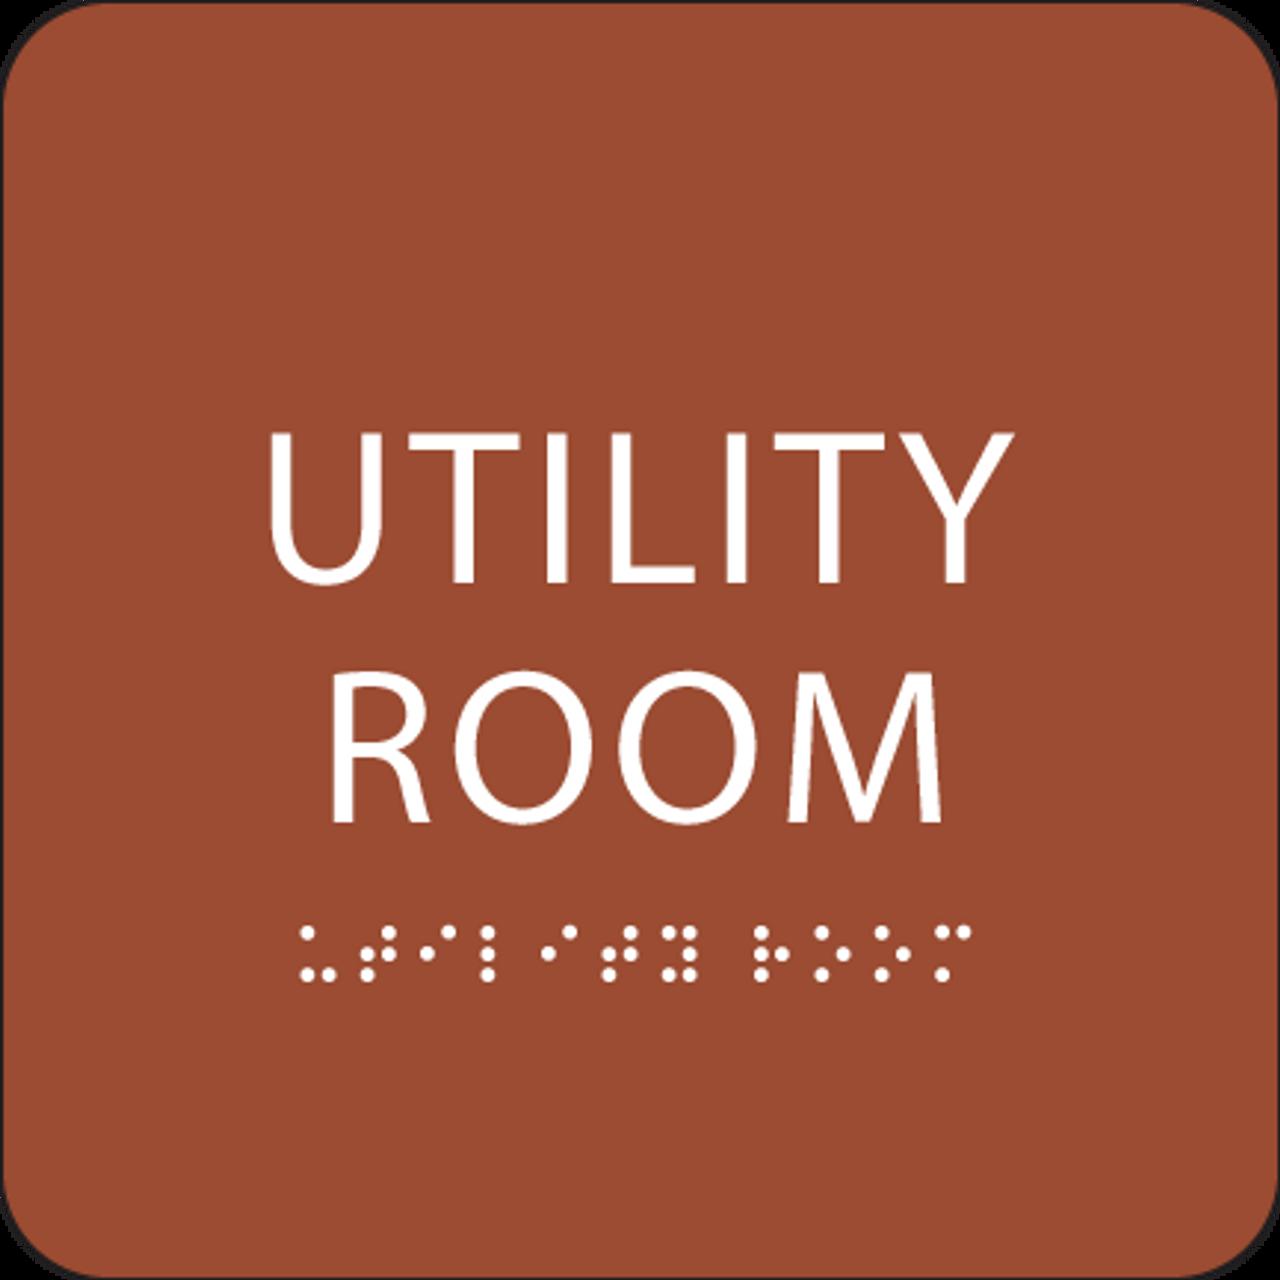 Orange Utility Room ADA Sign